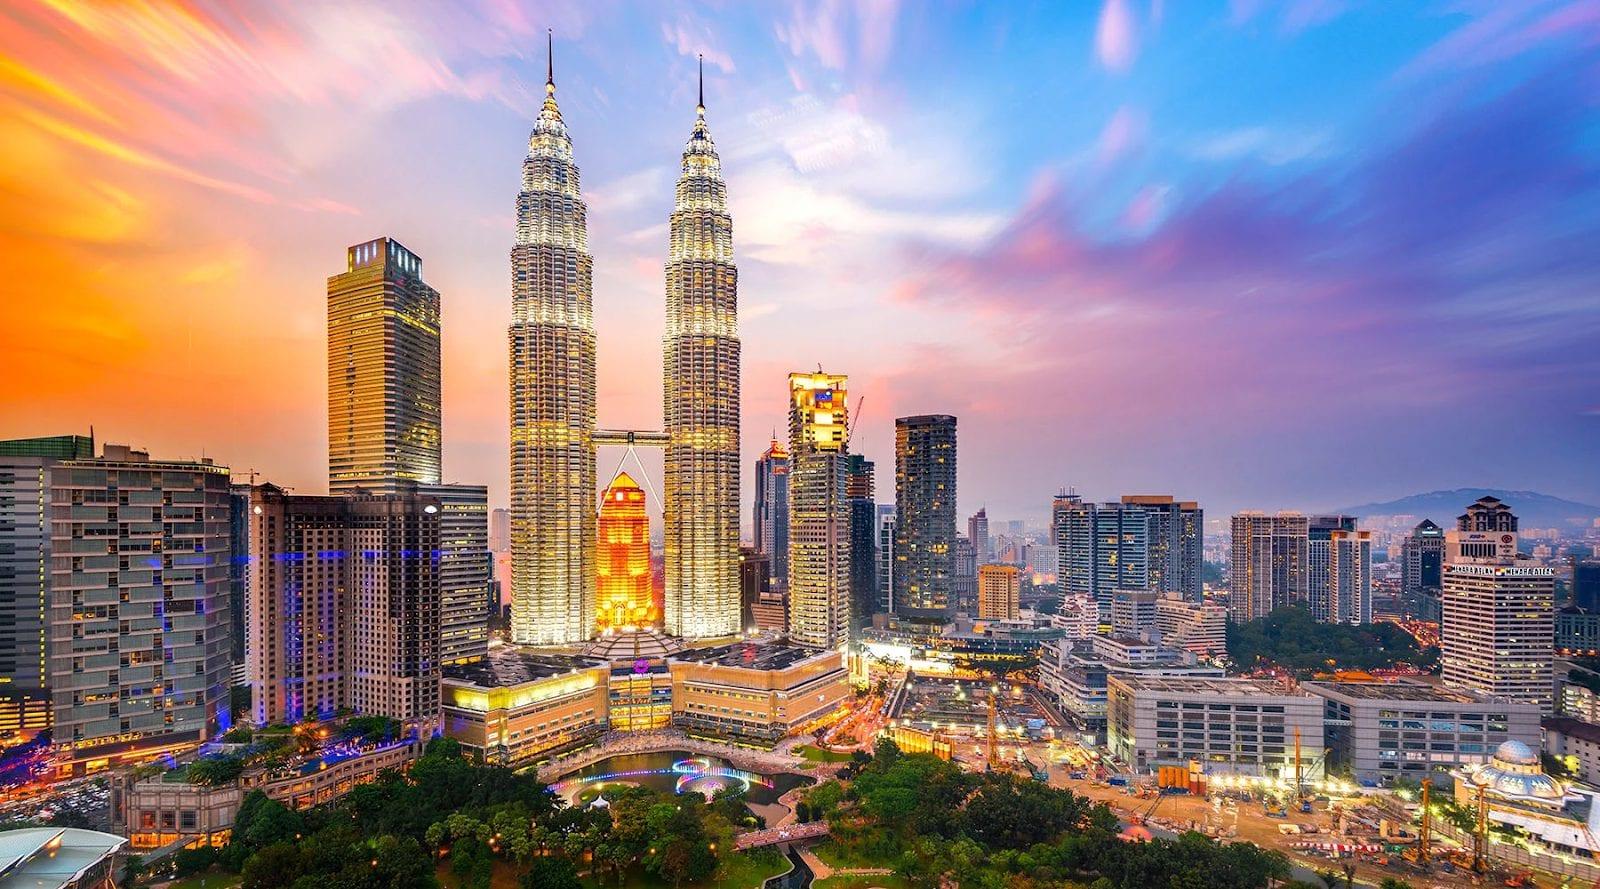 mã vùng malaysia, mã vùng điện thoại malaysia, mã vùng malaysia gọi về việt nam, mã vùng của malaysia, mã vùng số điện thoại malaysia, mã vùng quốc gia malaysia, mã vùng nước malaysia, mã số vùng malaysia, mã vùng điện thoại của malaysia, mã vùng quốc tế malaysia, mã vùng điện thoại ở malaysia, mã vùng đt malaysia, mã vùng gọi malaysia, mã vùng từ malaysia gọi về việt nam, mã vùng malaysia iphone, mã vùng malaysia gọi về việt nam lừa đảo, mã vùng kuala lumpur malaysia, mã vùng số điện thoại của malaysia, mã vùng của nước malaysia, mã số vùng của malaysia, mã vùng kuala lumpur, mã vùng appstore malaysia